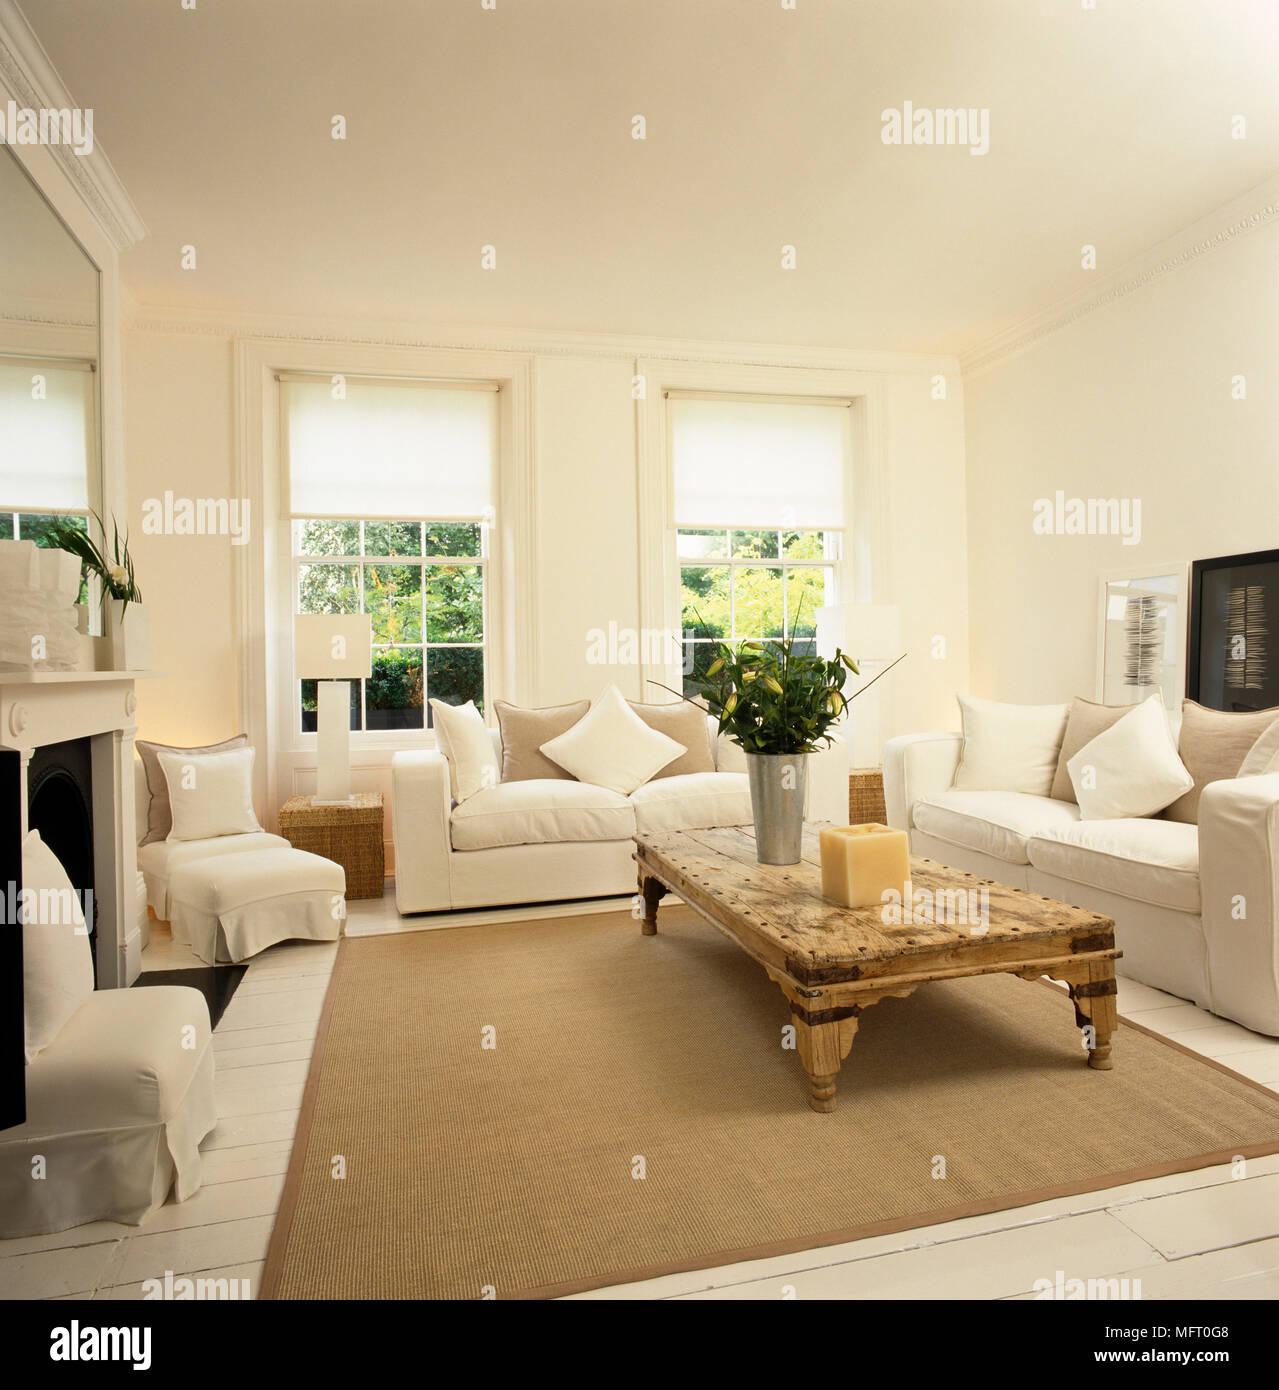 Tavolini Da Salotto Divani E Divani.Elegante Colore Bianco E Beige In Salotto Con Parquet Verniciato E